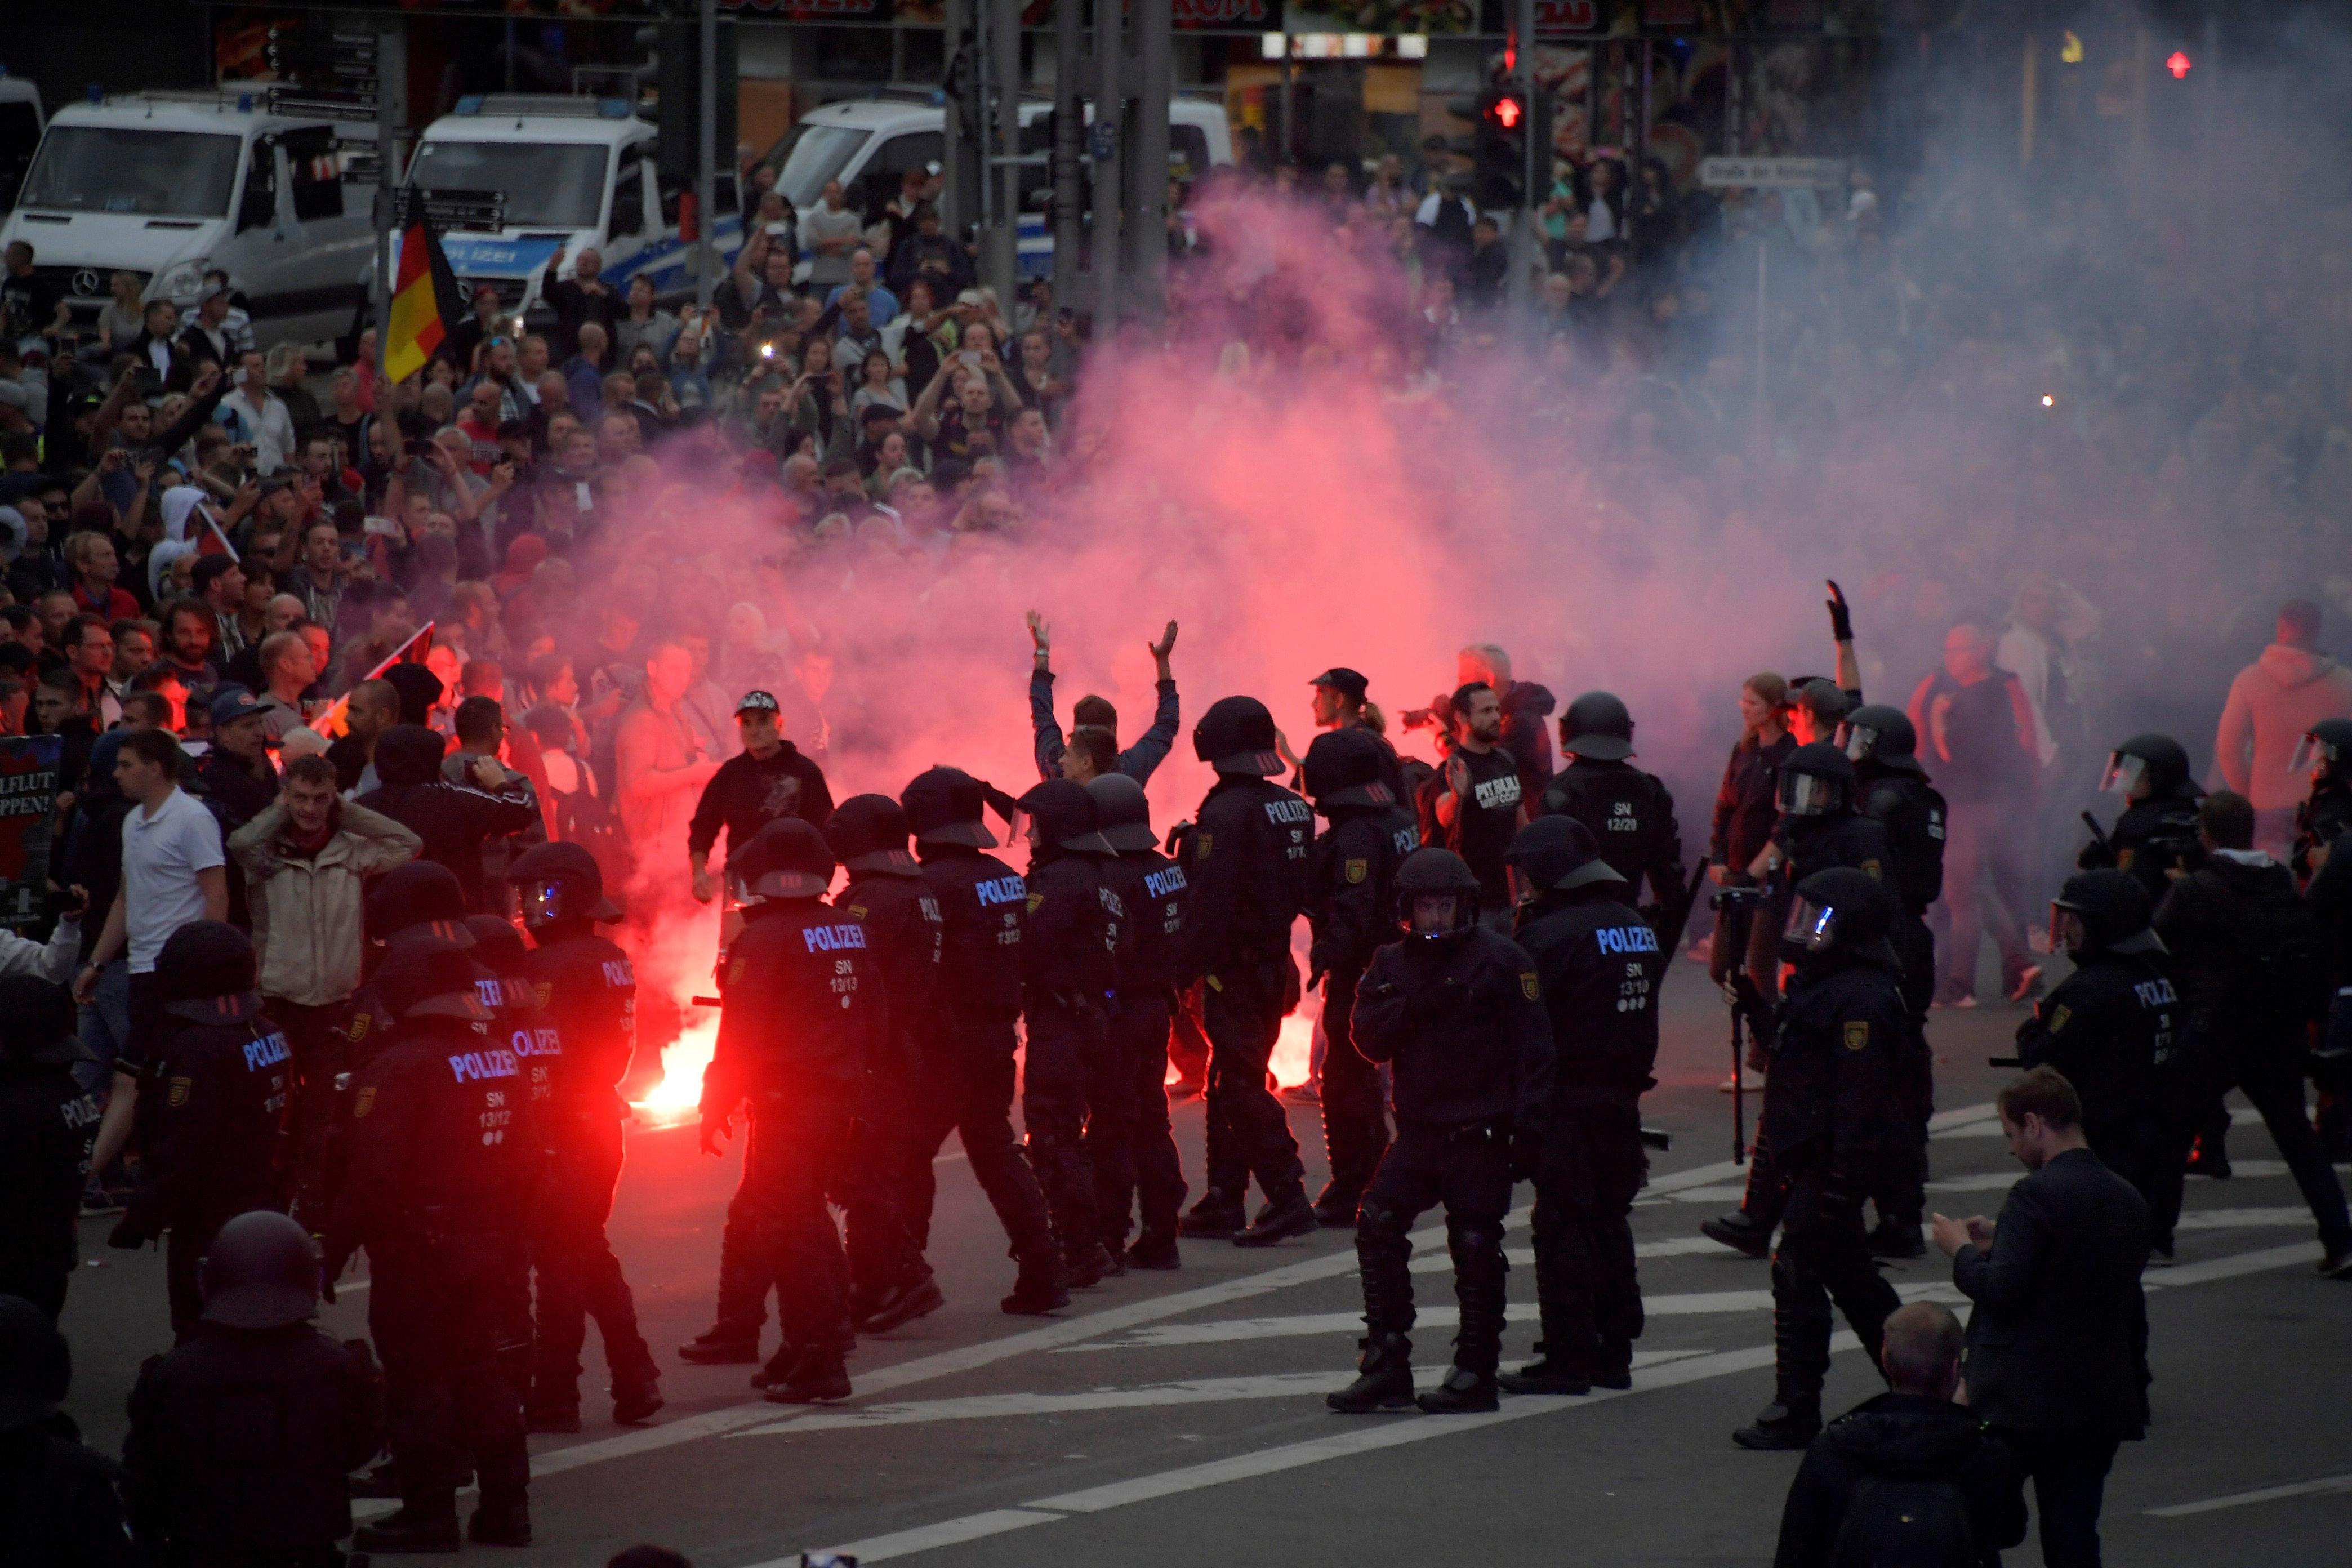 Μεγάλη επιχείρηση στη Γερμανία. Ακροδεξιά οργάνωση σχεδίαζε επίθεση ανήμερα της επετείου Επανένωσης της